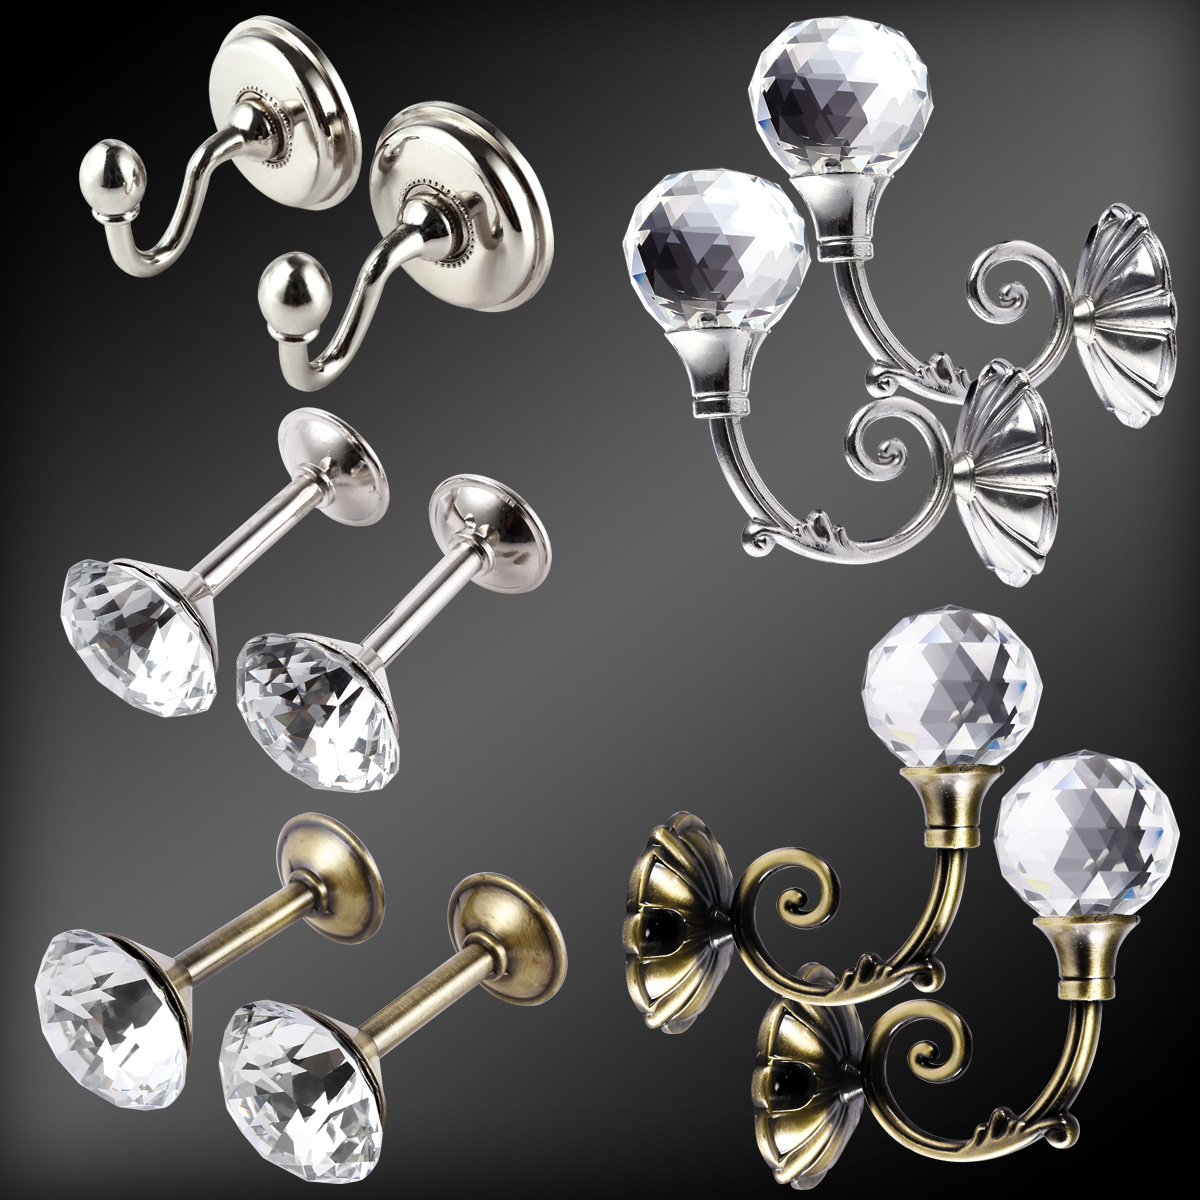 2pcs ganchos metal para alzapa os de cortina dise o for Ganchos de metal para cortinas